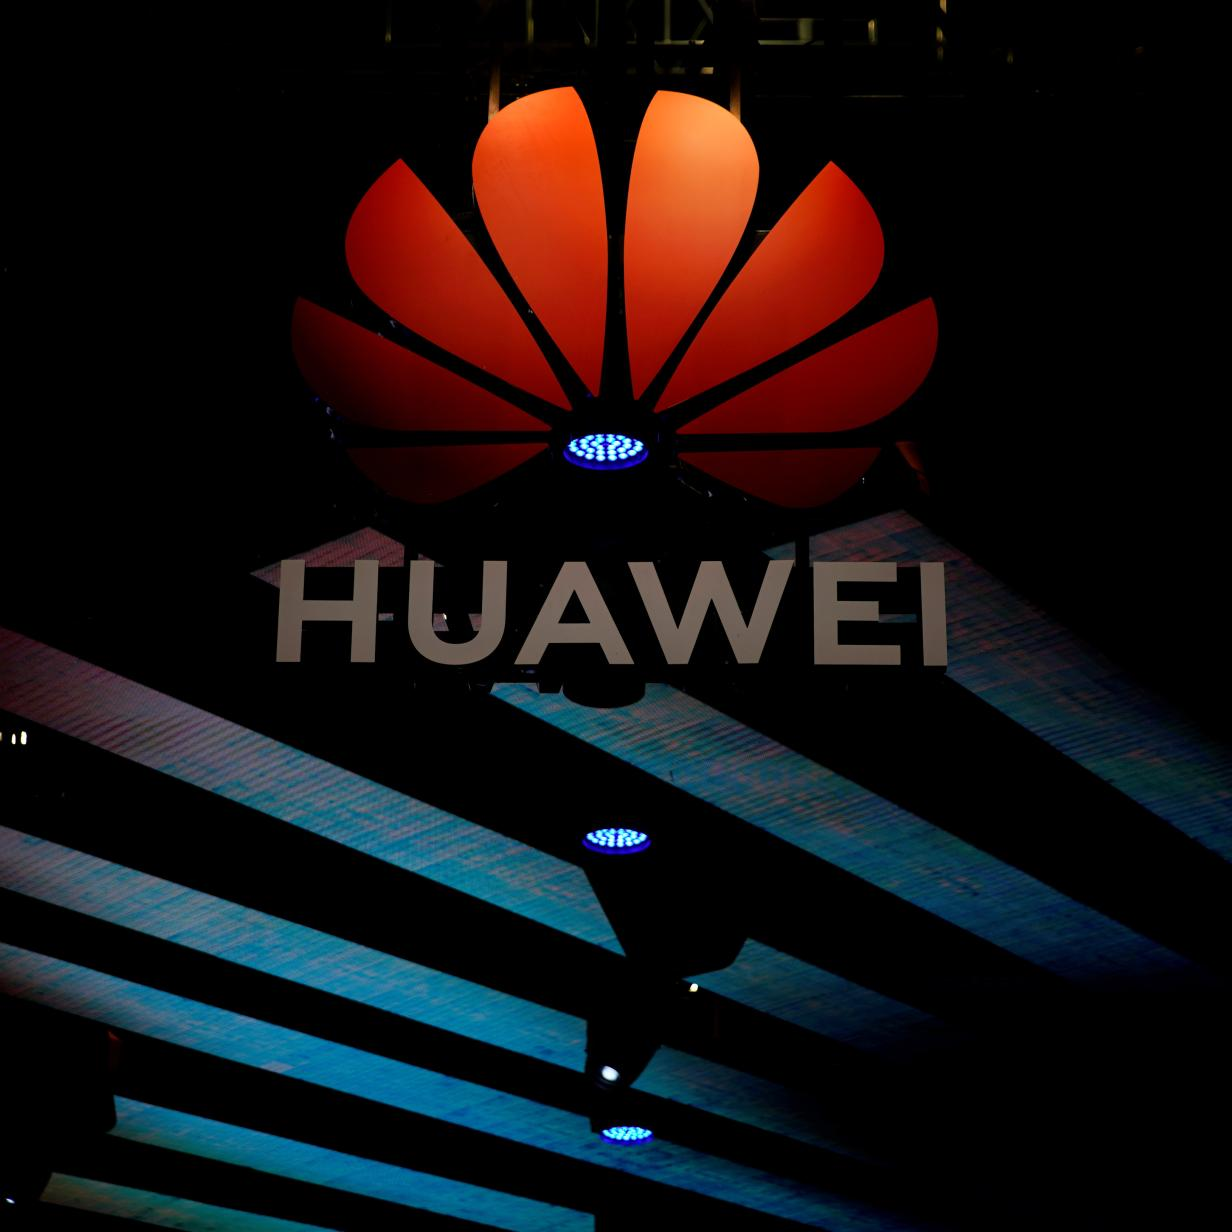 CIA: Haben Beweis für Huaweis Verbindung mit Chinas Militär